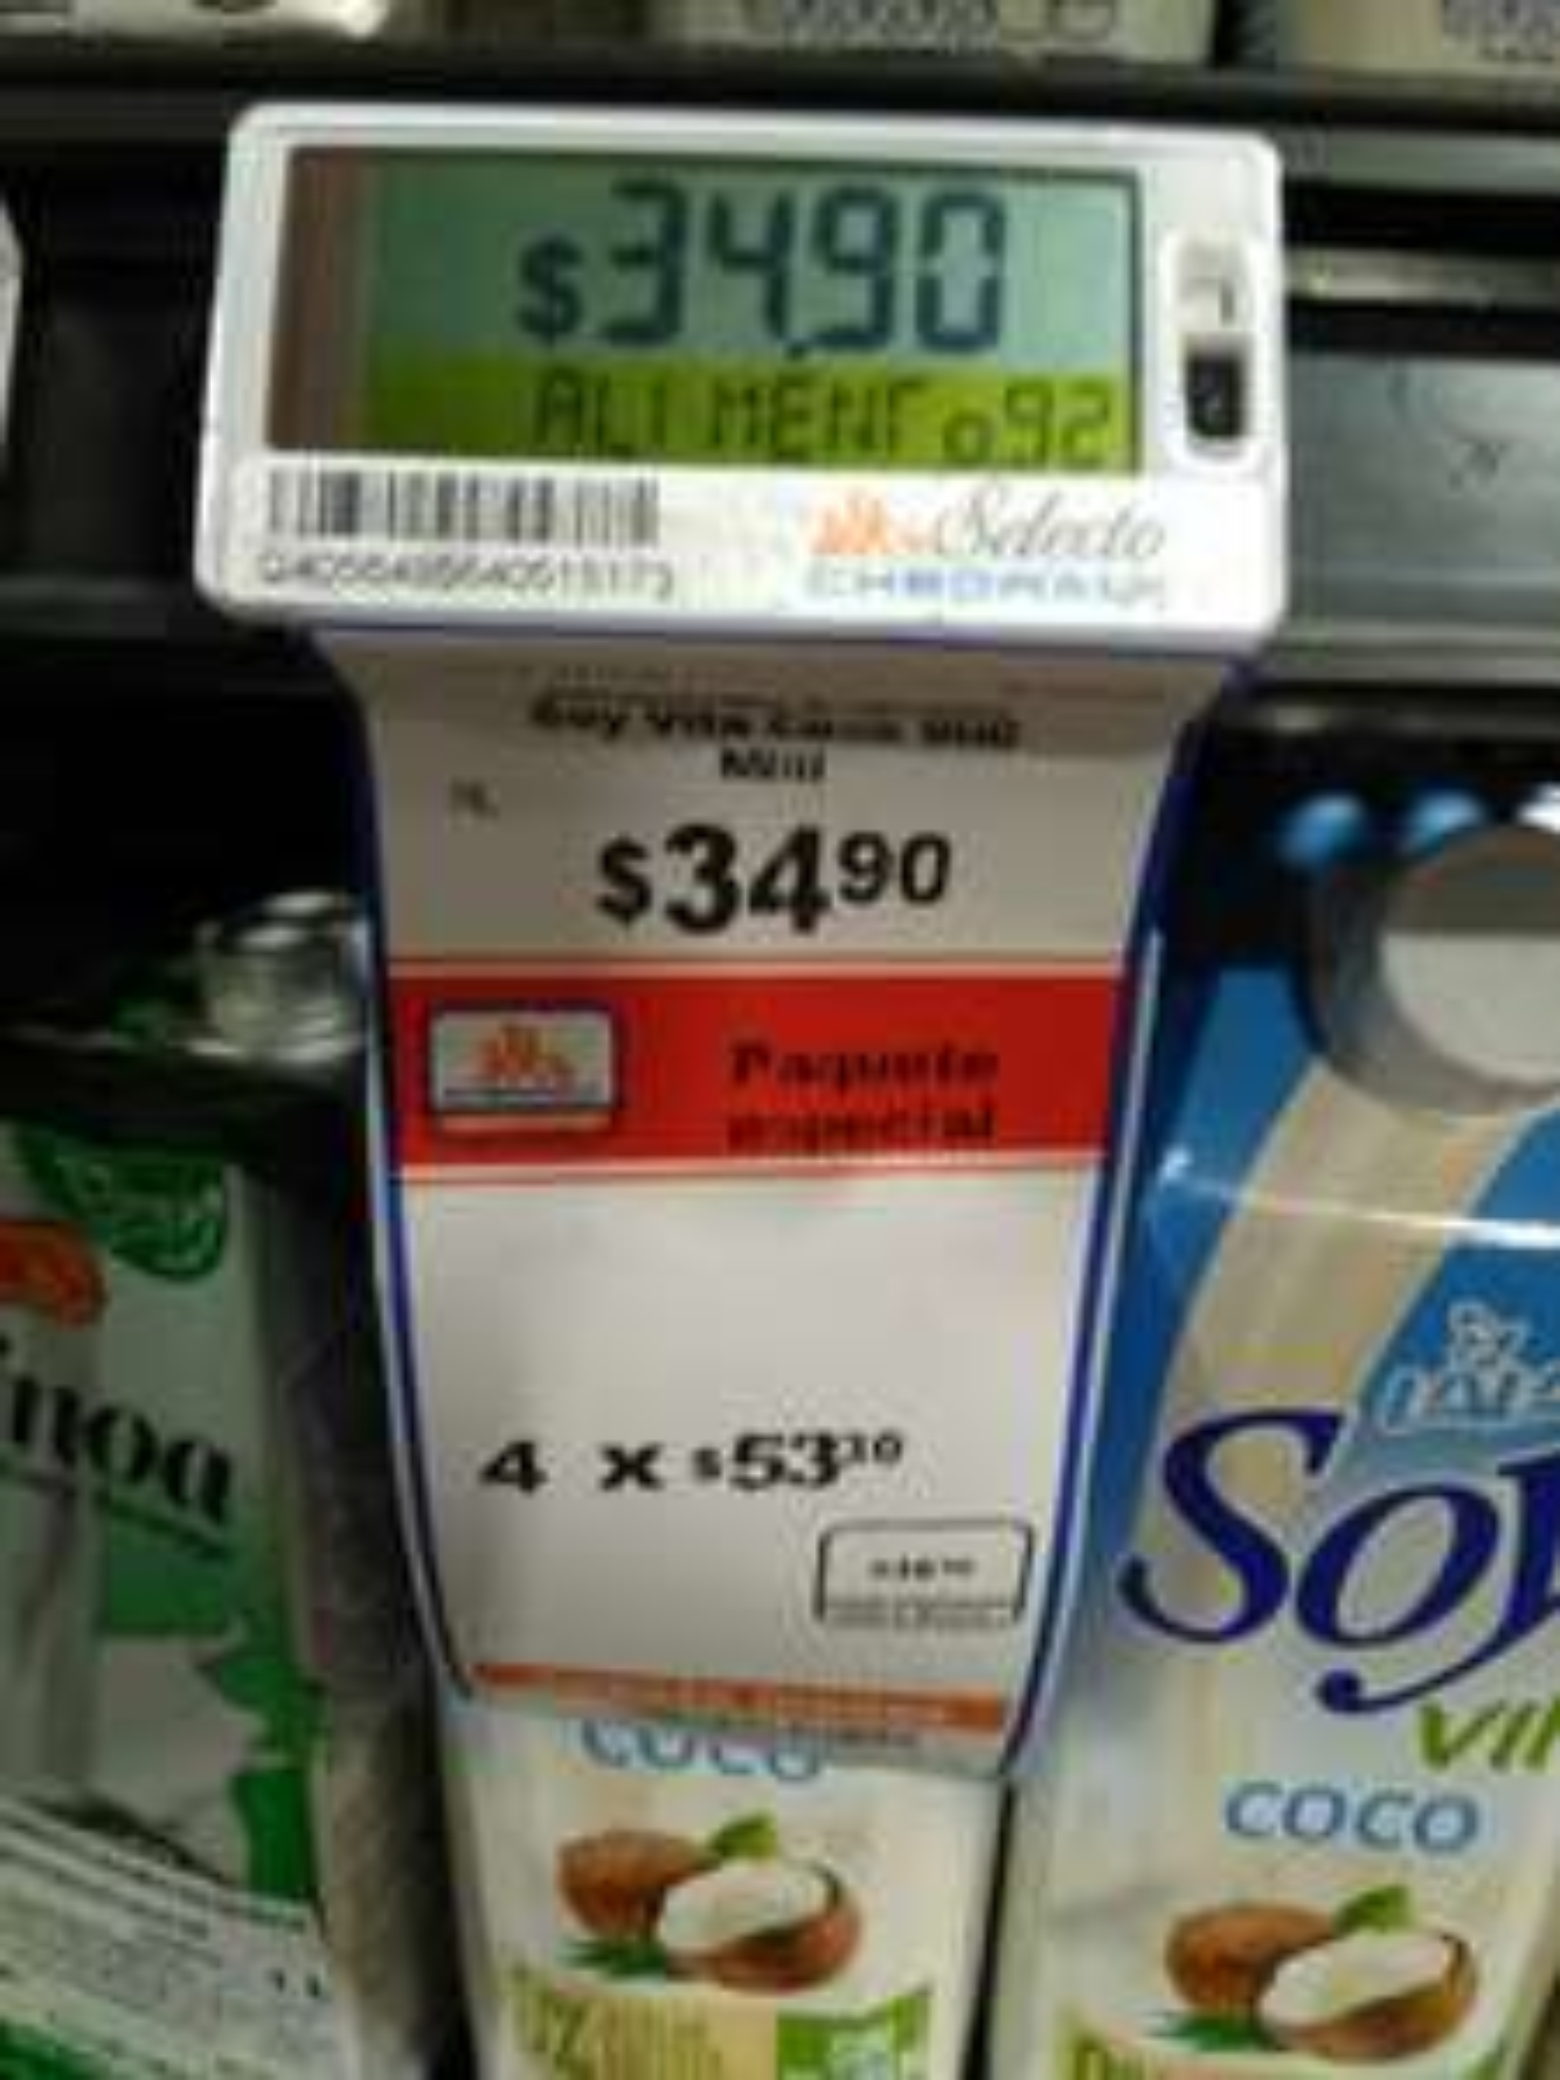 Chedraui selecto fortuna: Leche de coco Lala 4x$53.50